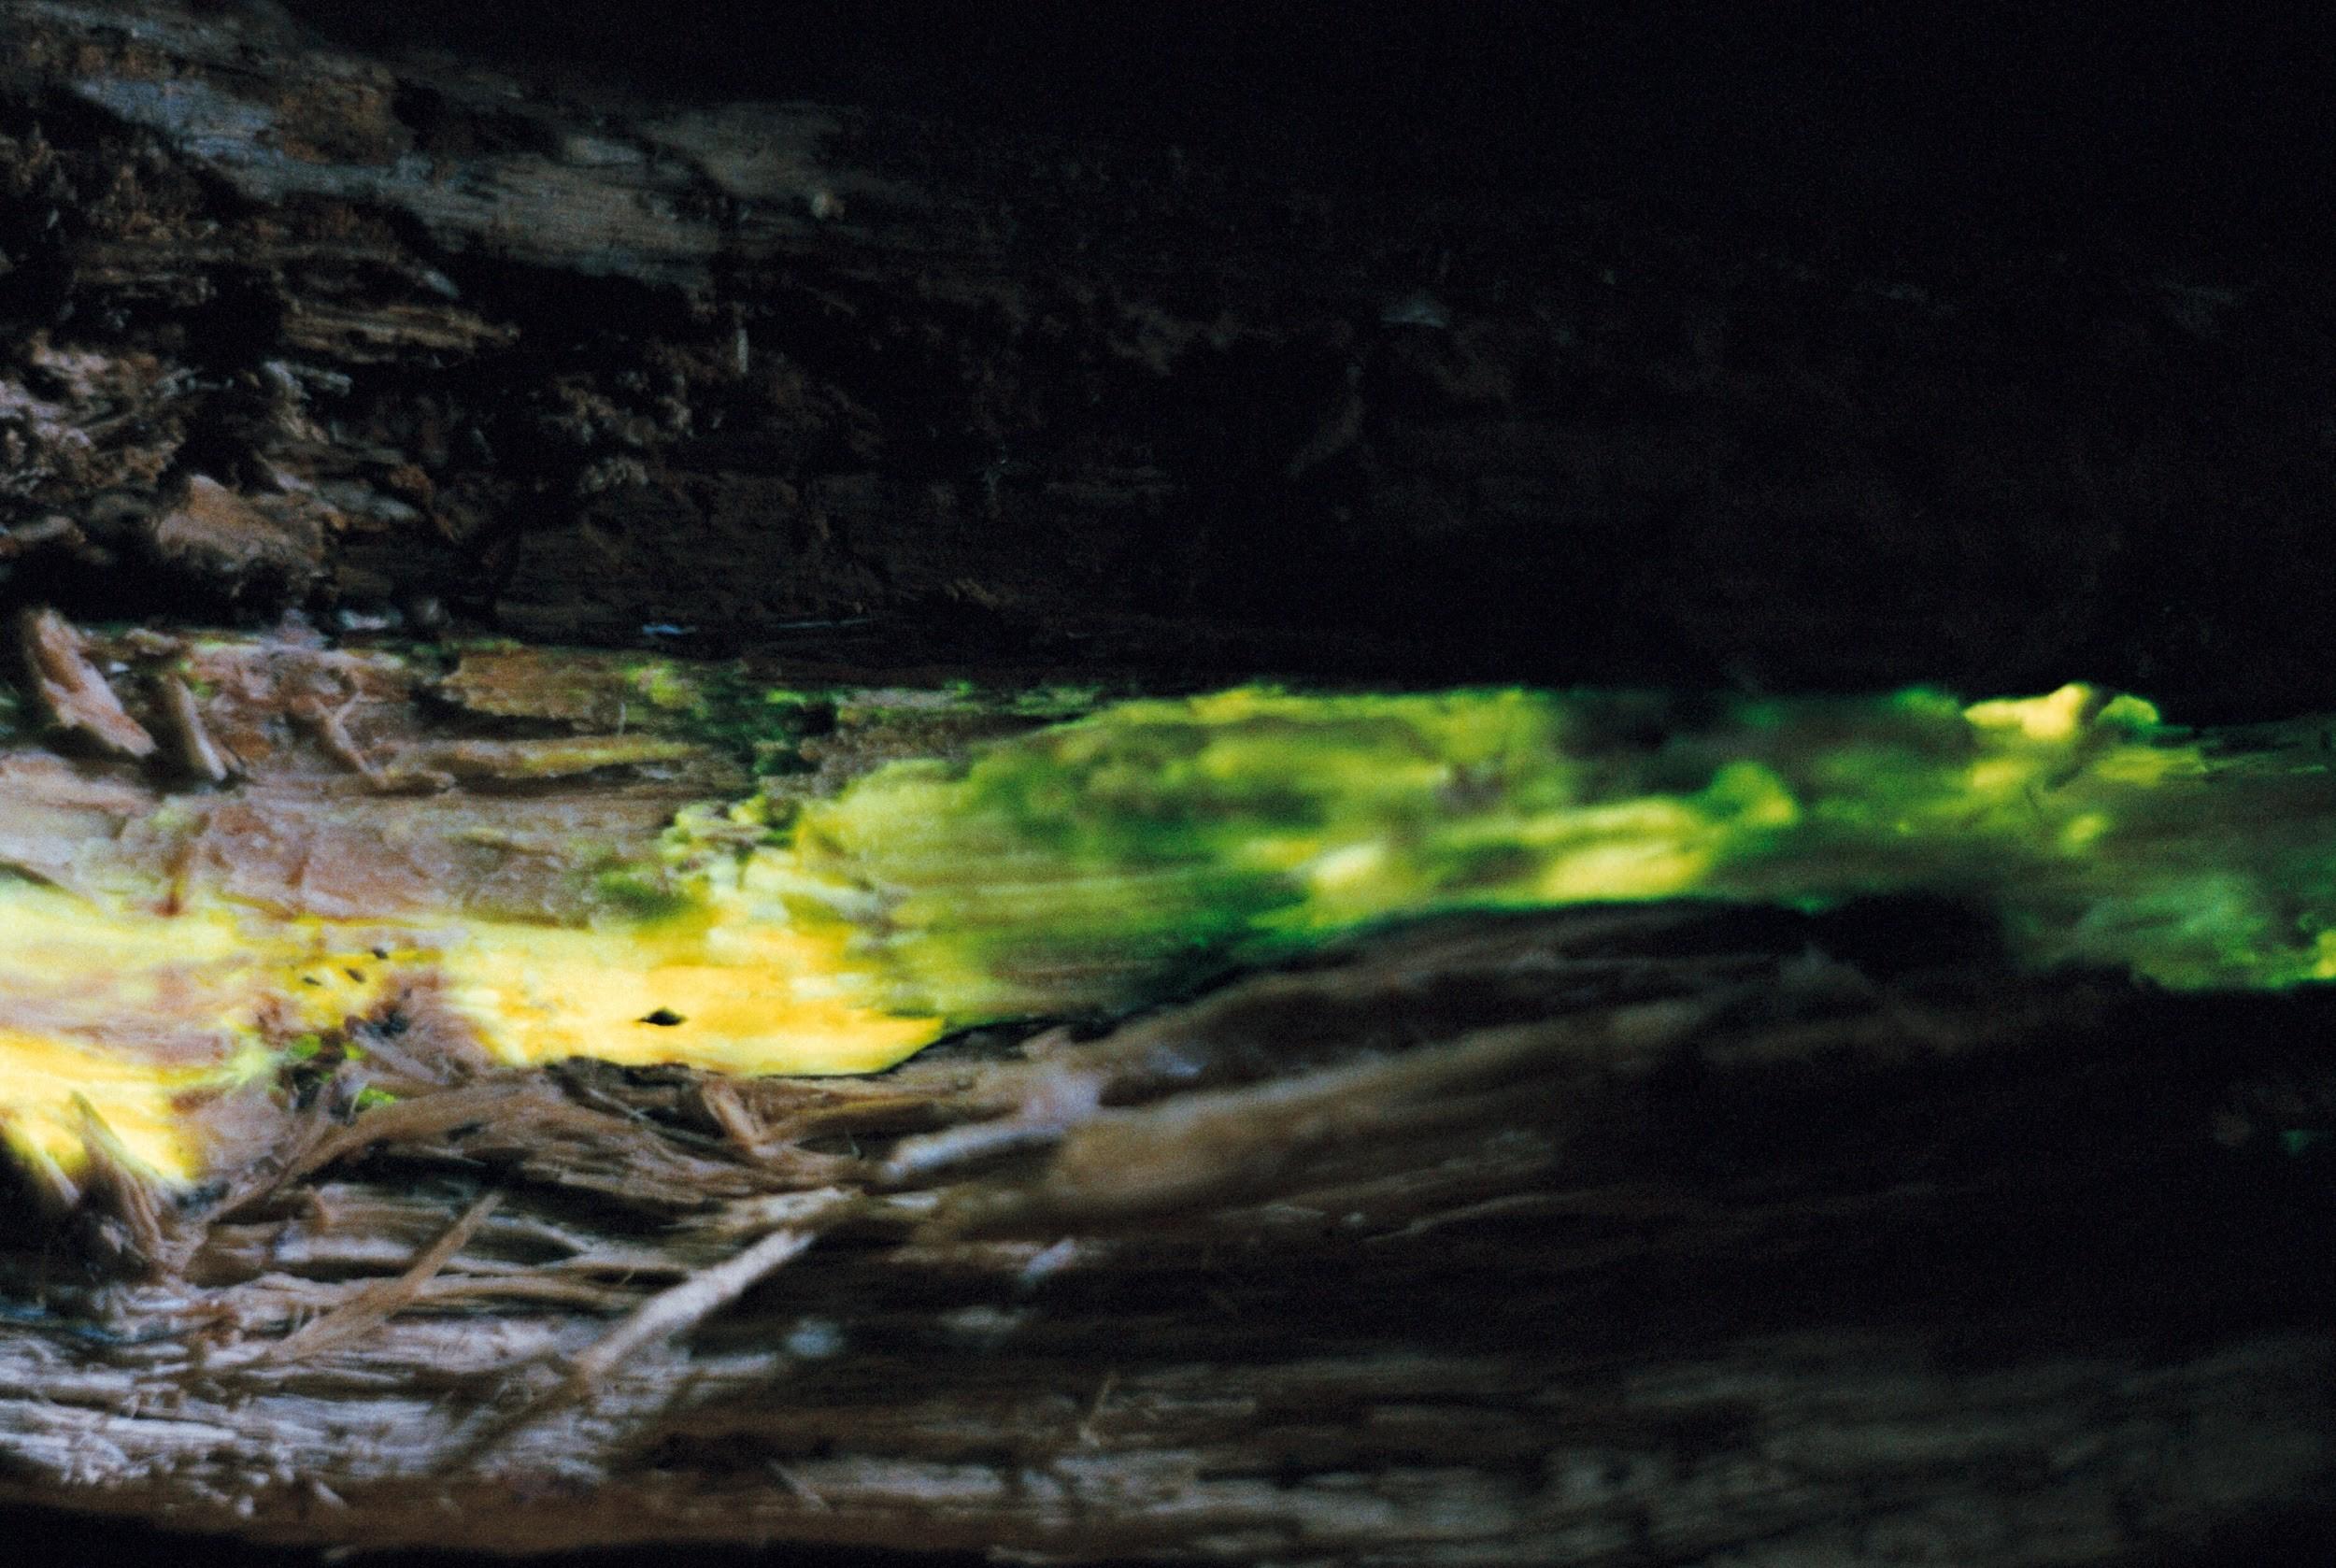 Foto: Helendav kõdupuit Tartu lähedalt Tähtvere metsast. On näha, kuidas puidus on kindlapiiriline helendav soon - seal elab seen